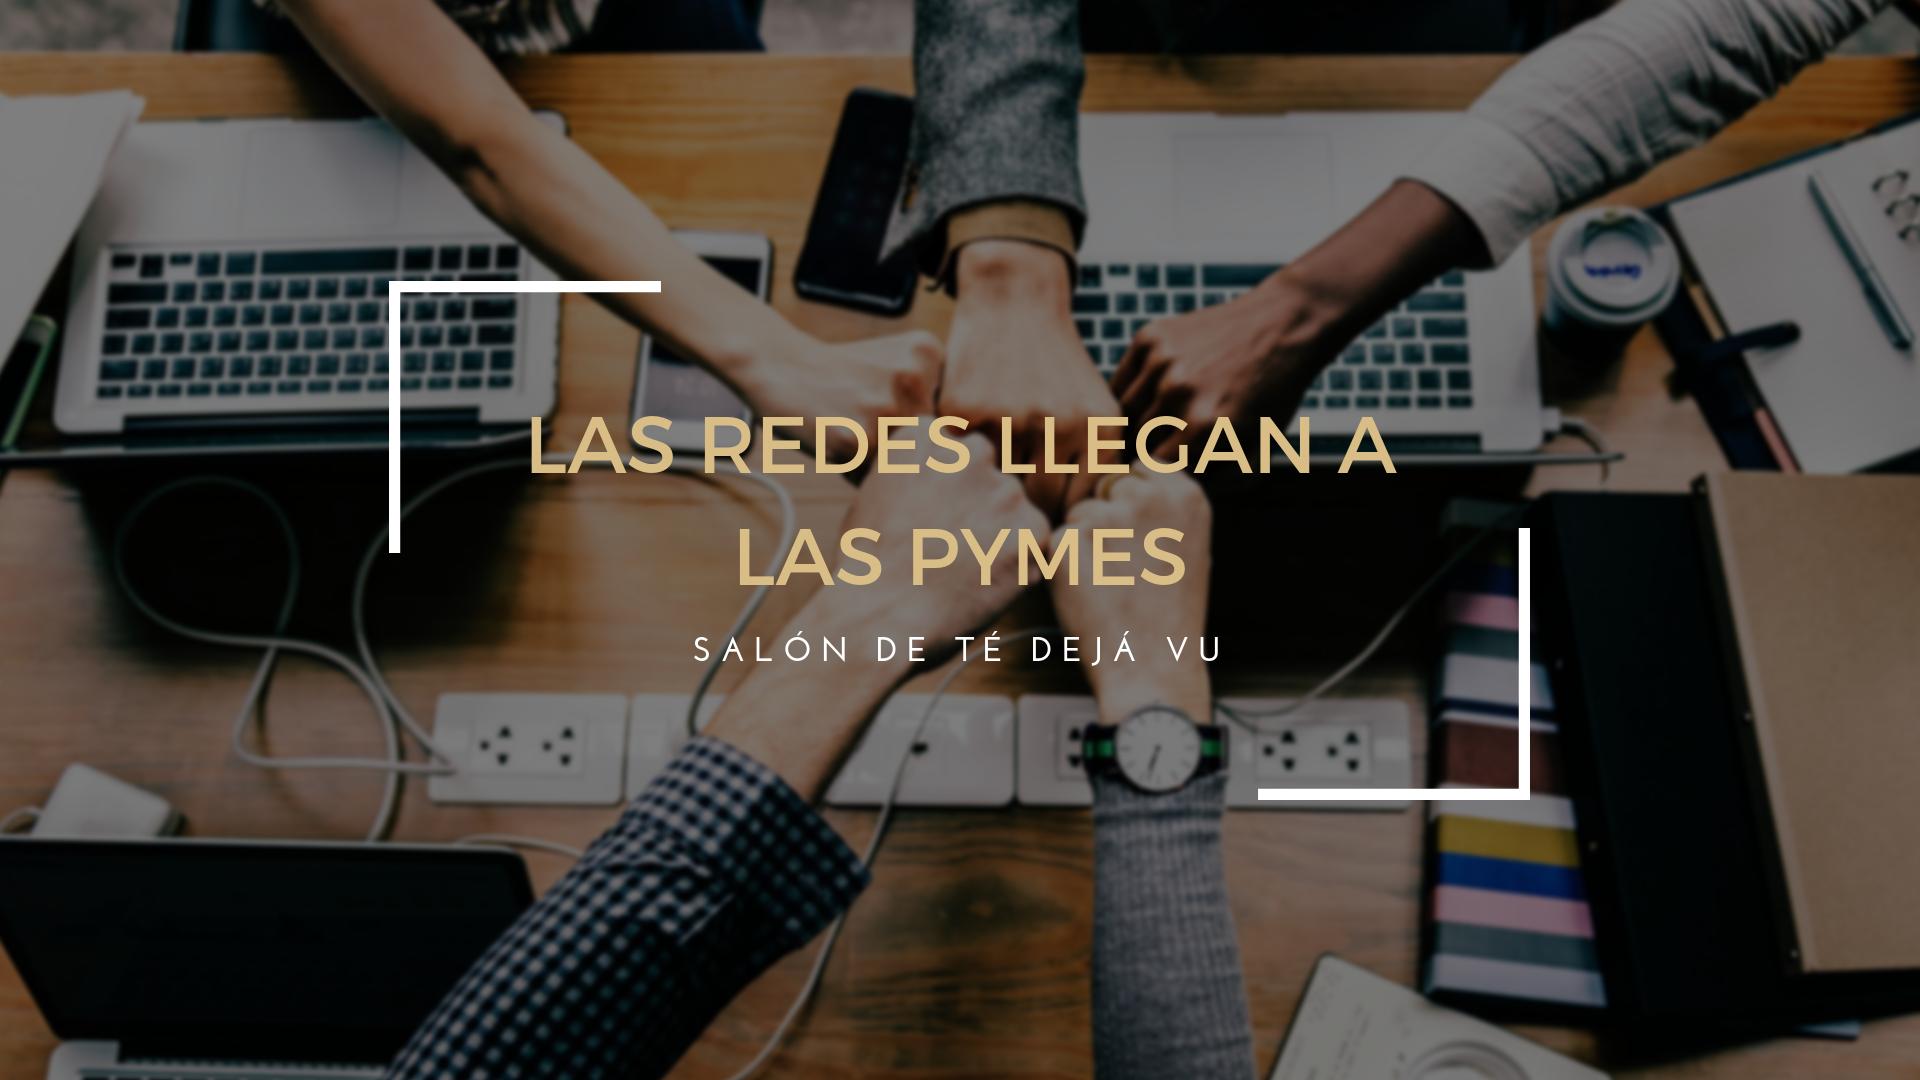 Pymes a la vanguardia en Redes Sociales: Hoy, Salón de Té Dejá Vu.